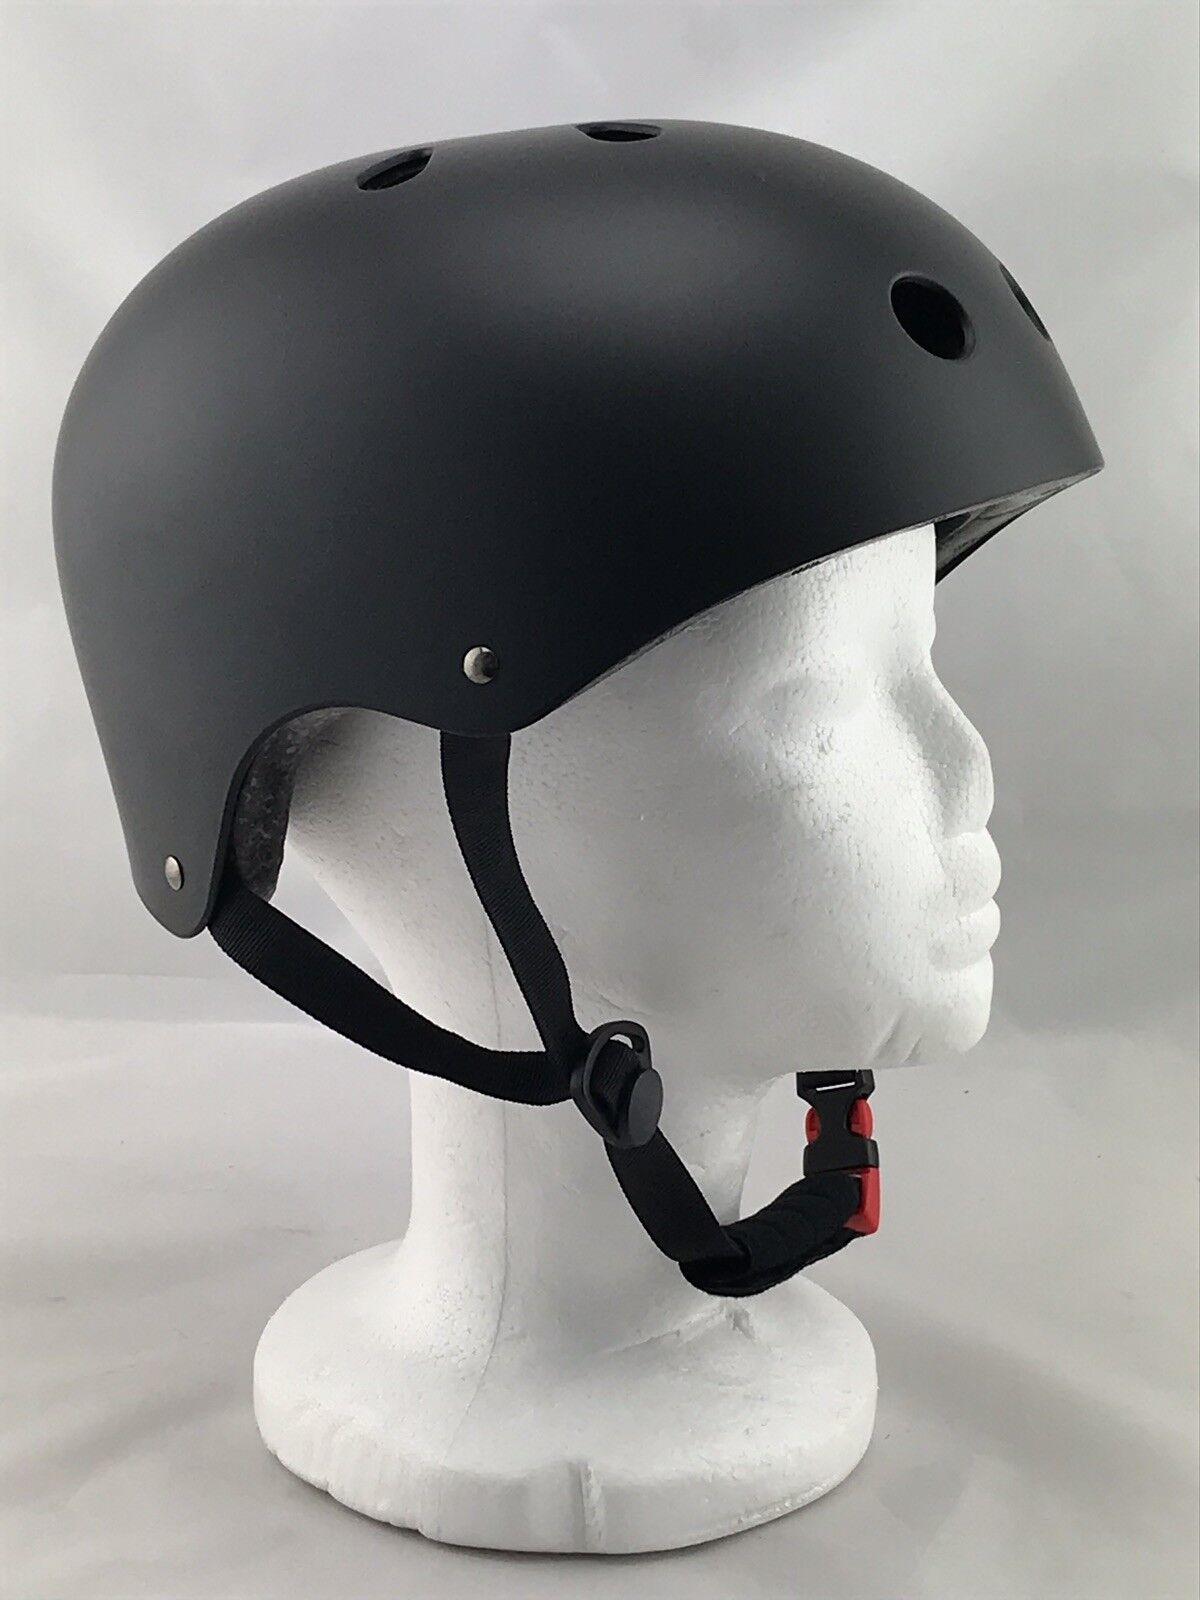 Fahrradhelm Skateboard Helm Mountainbike Inliner Babimax Babimax Babimax  Gr. M 57-58 cm schwarz 252da1